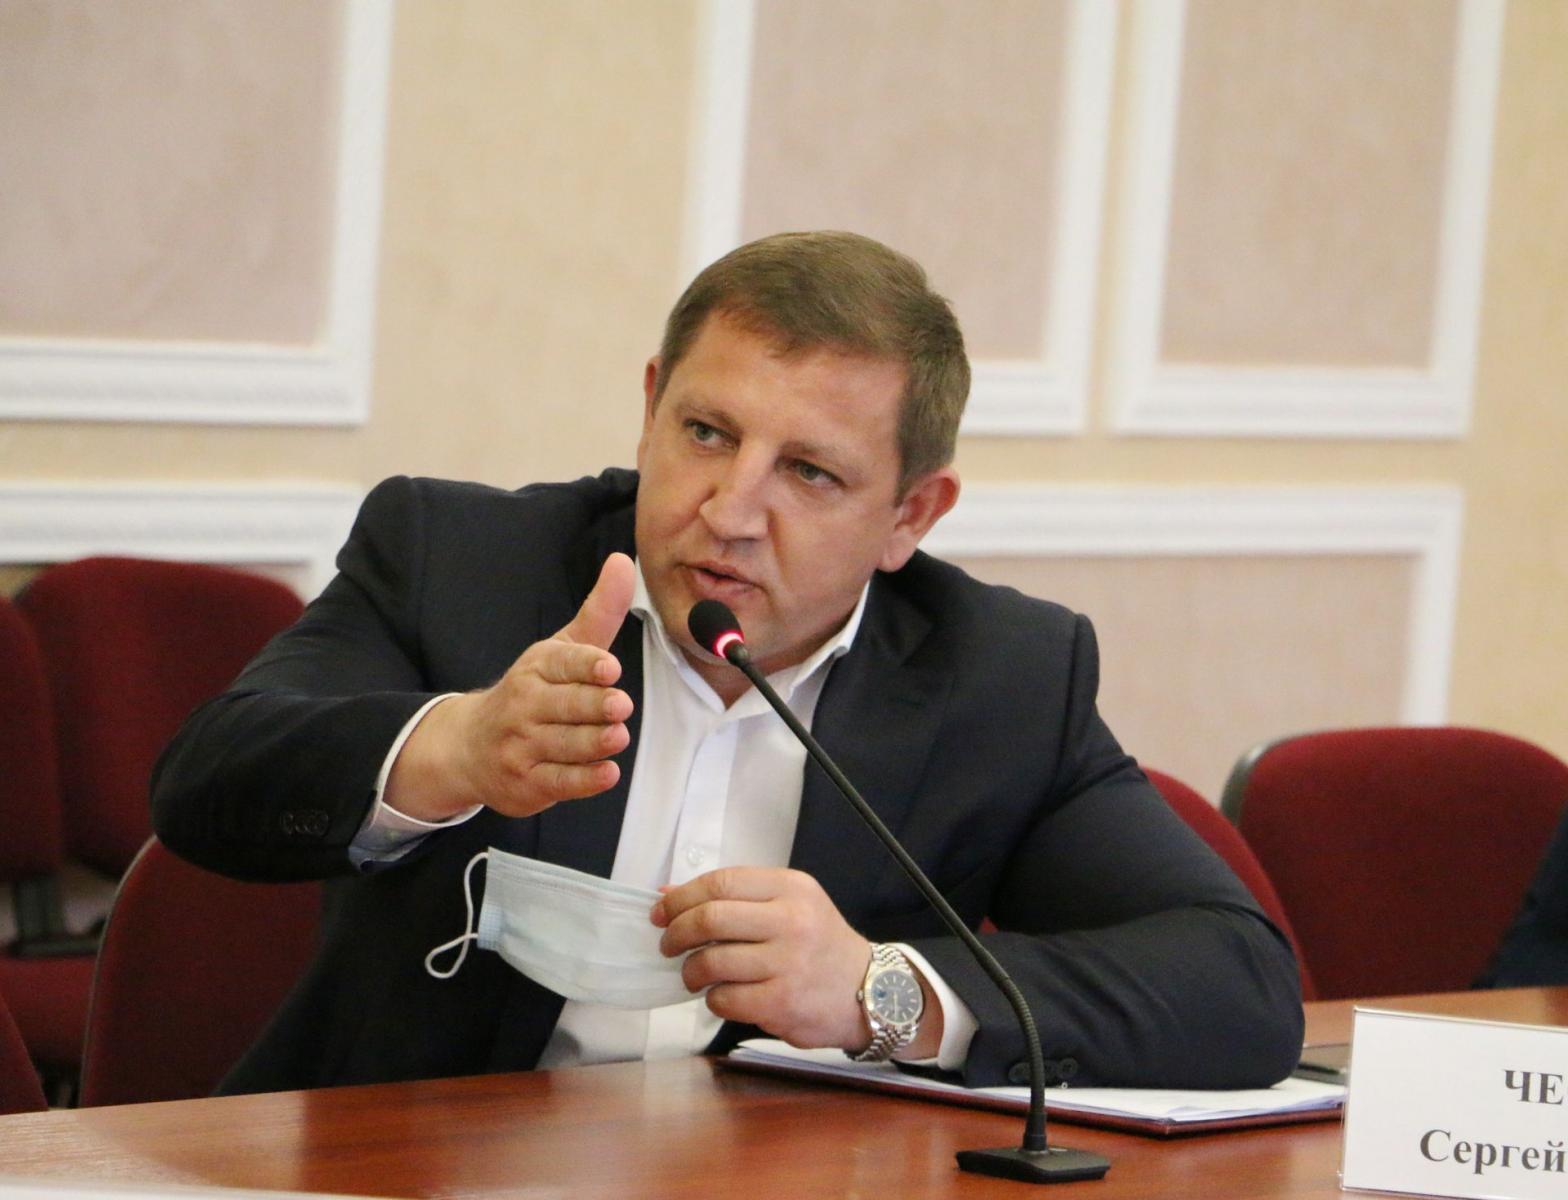 Для Брянской области закупят 2200 контейнеров для раздельного сбора отходов за 42,5 млн рублей